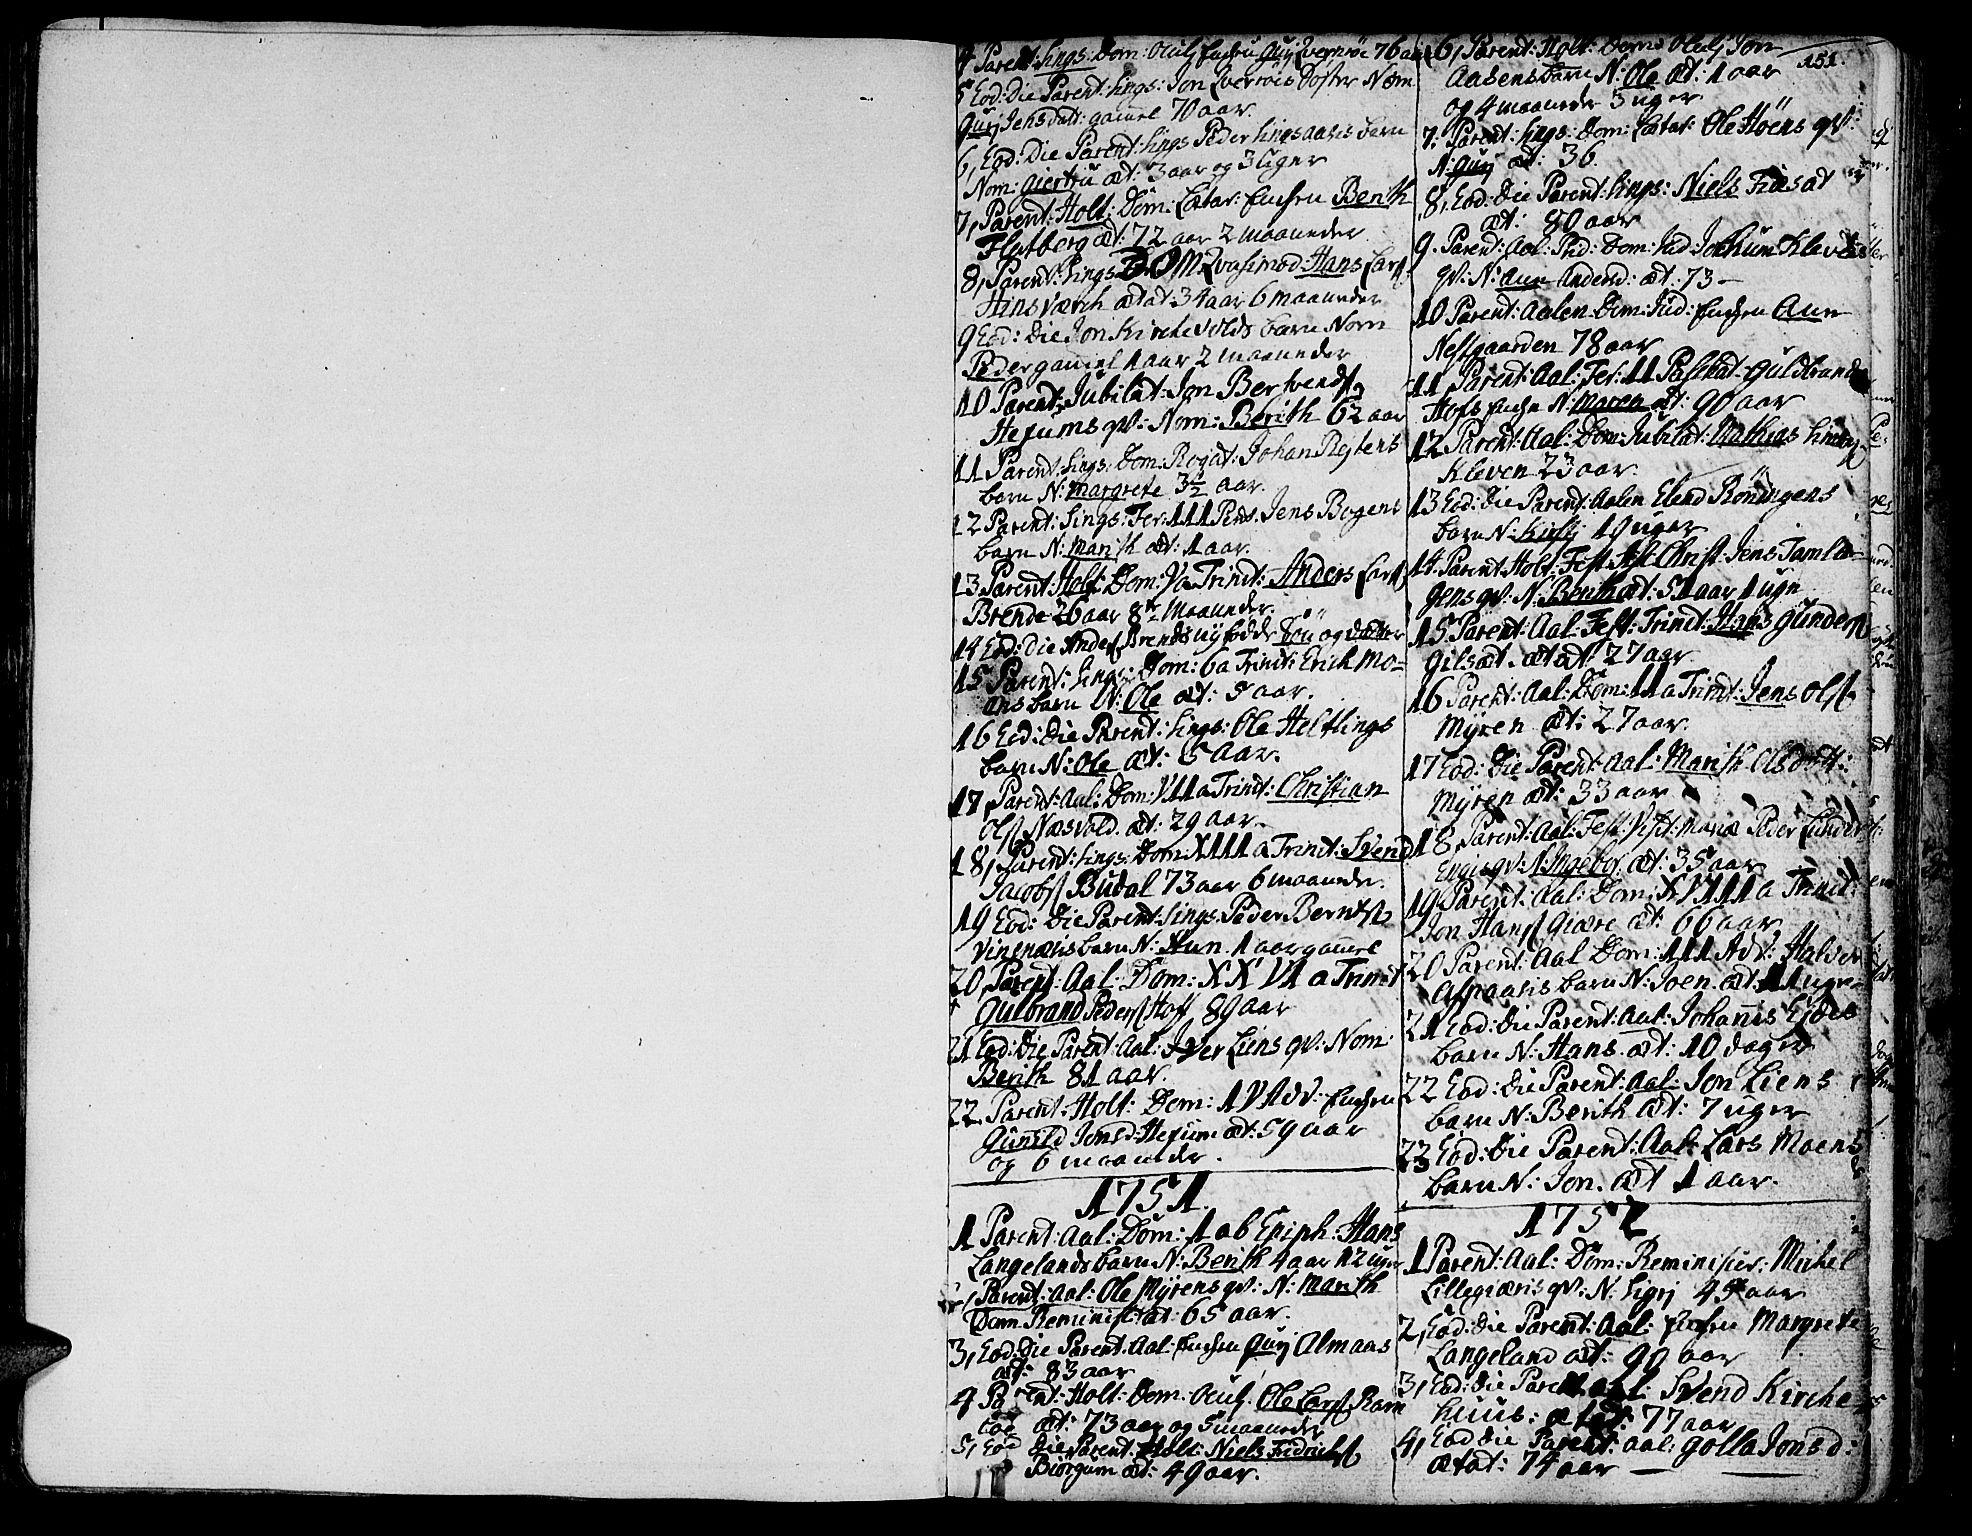 SAT, Ministerialprotokoller, klokkerbøker og fødselsregistre - Sør-Trøndelag, 685/L0952: Ministerialbok nr. 685A01, 1745-1804, s. 151